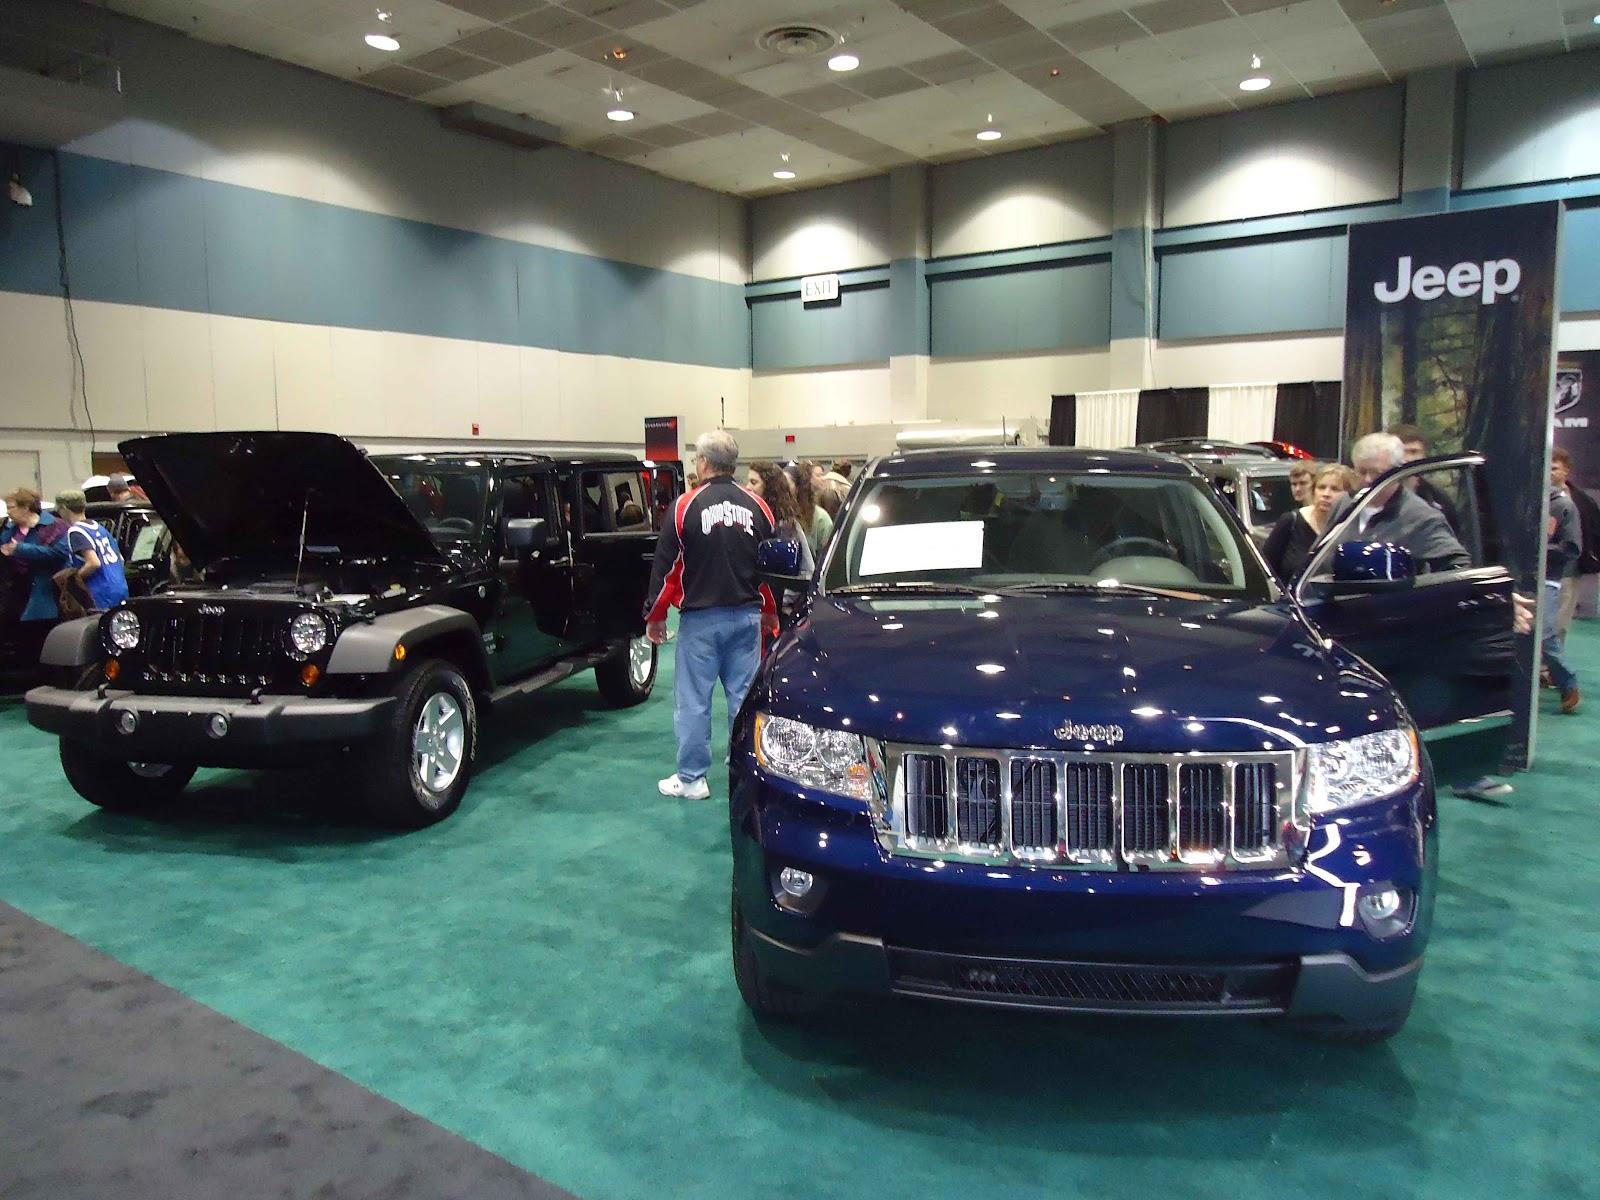 Dave dennis chrysler jeep dodge ram blog for M l motors chrysler dodge jeep ram